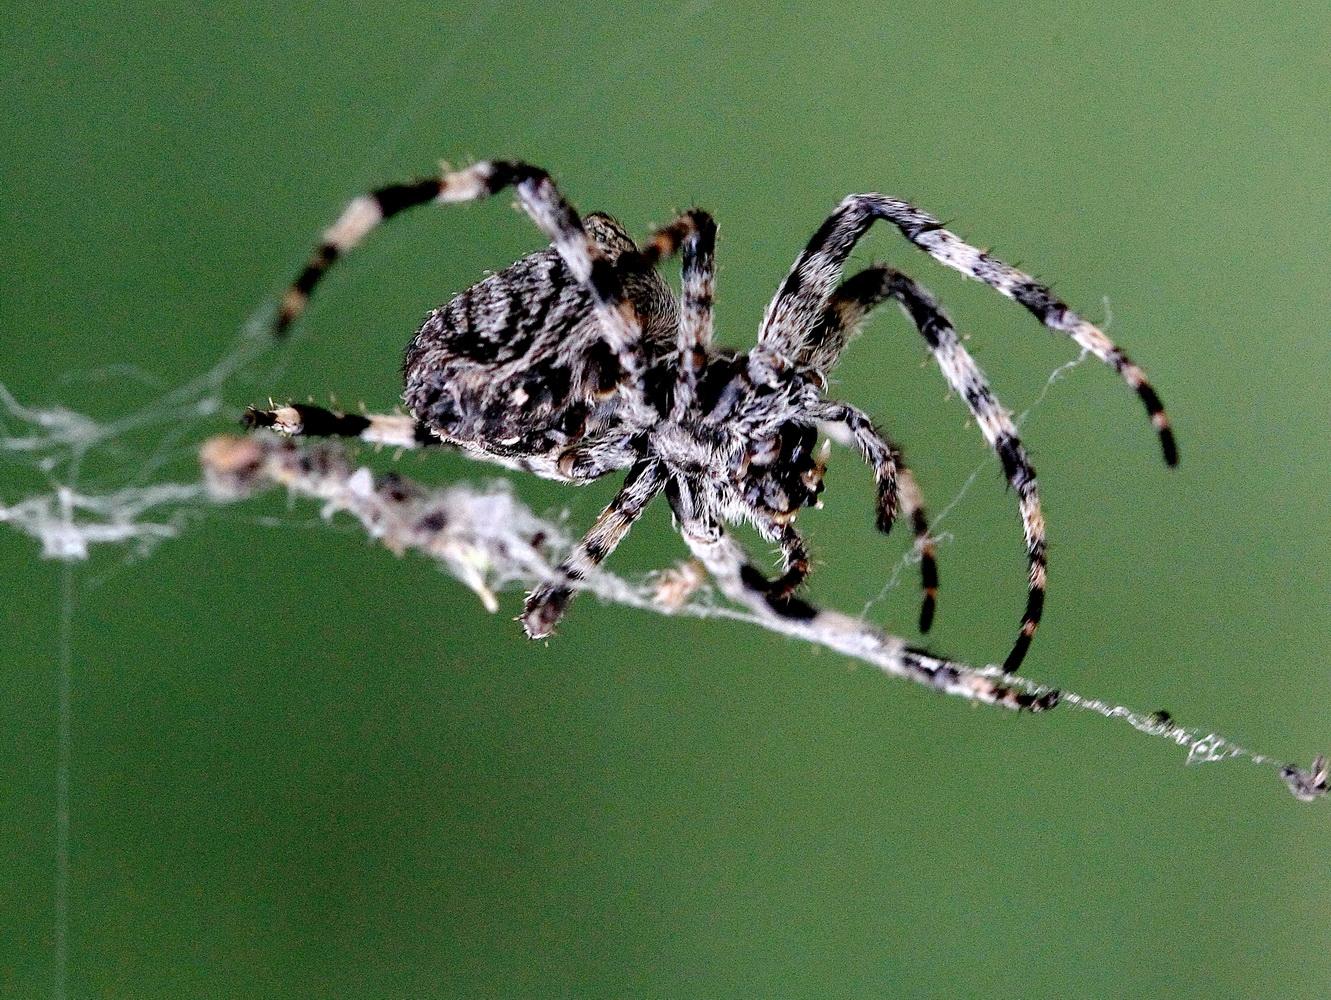 Павуки: непримітні хижаки земної кулі (Фото)